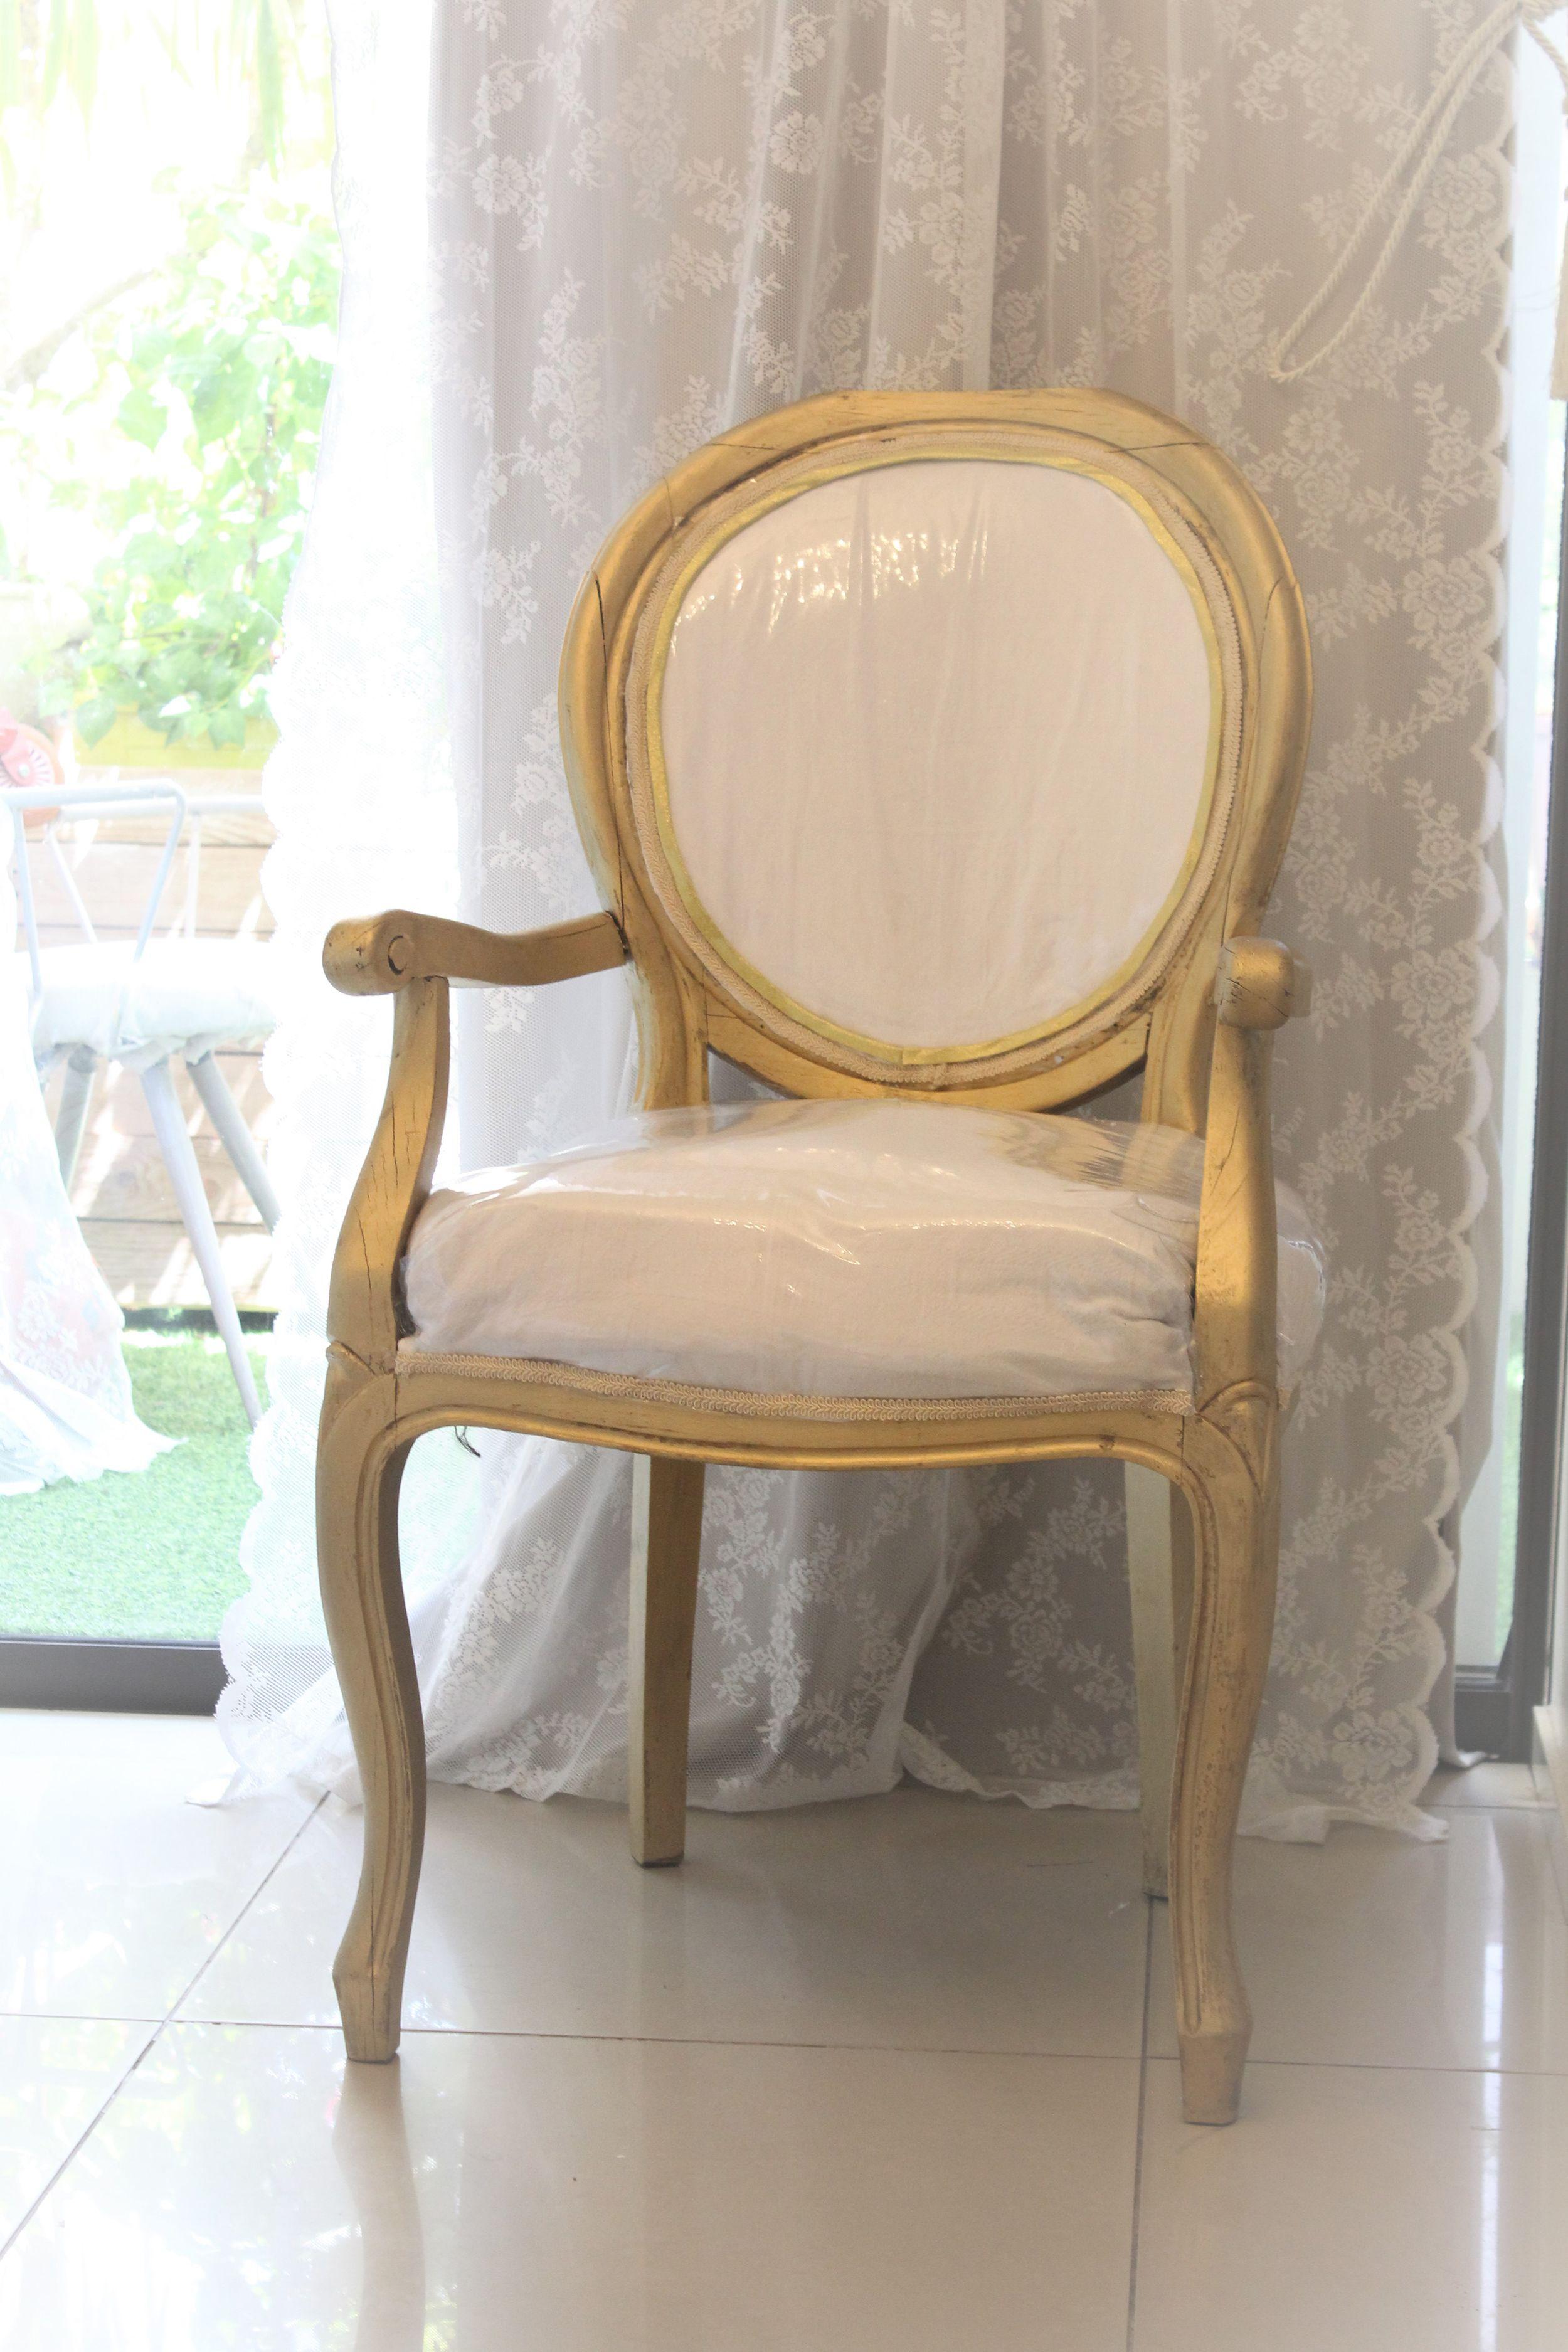 IMG 4210 - חידוש כסא עתיק